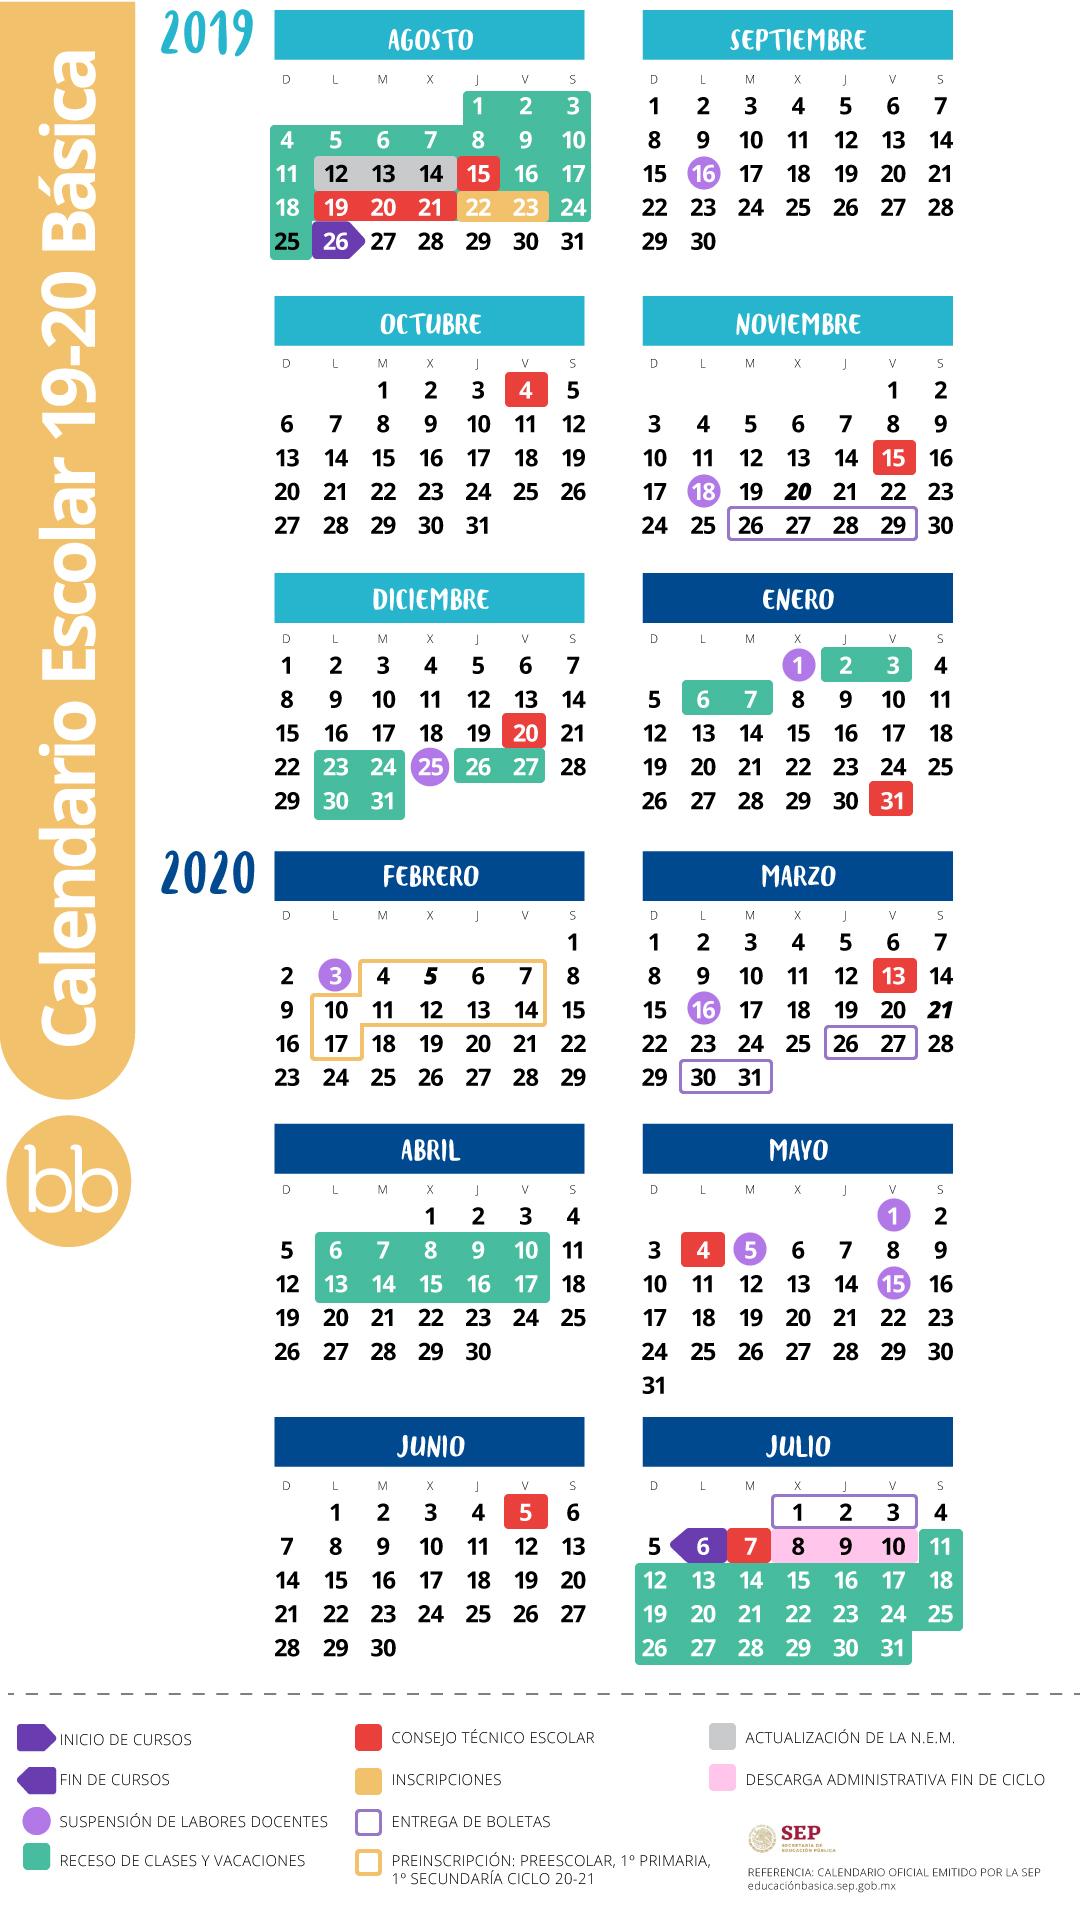 Calendario Junio Julio 2020.Adios A Los Viernes De Consejo Tecnico En El Nuevo Calendario Escolar